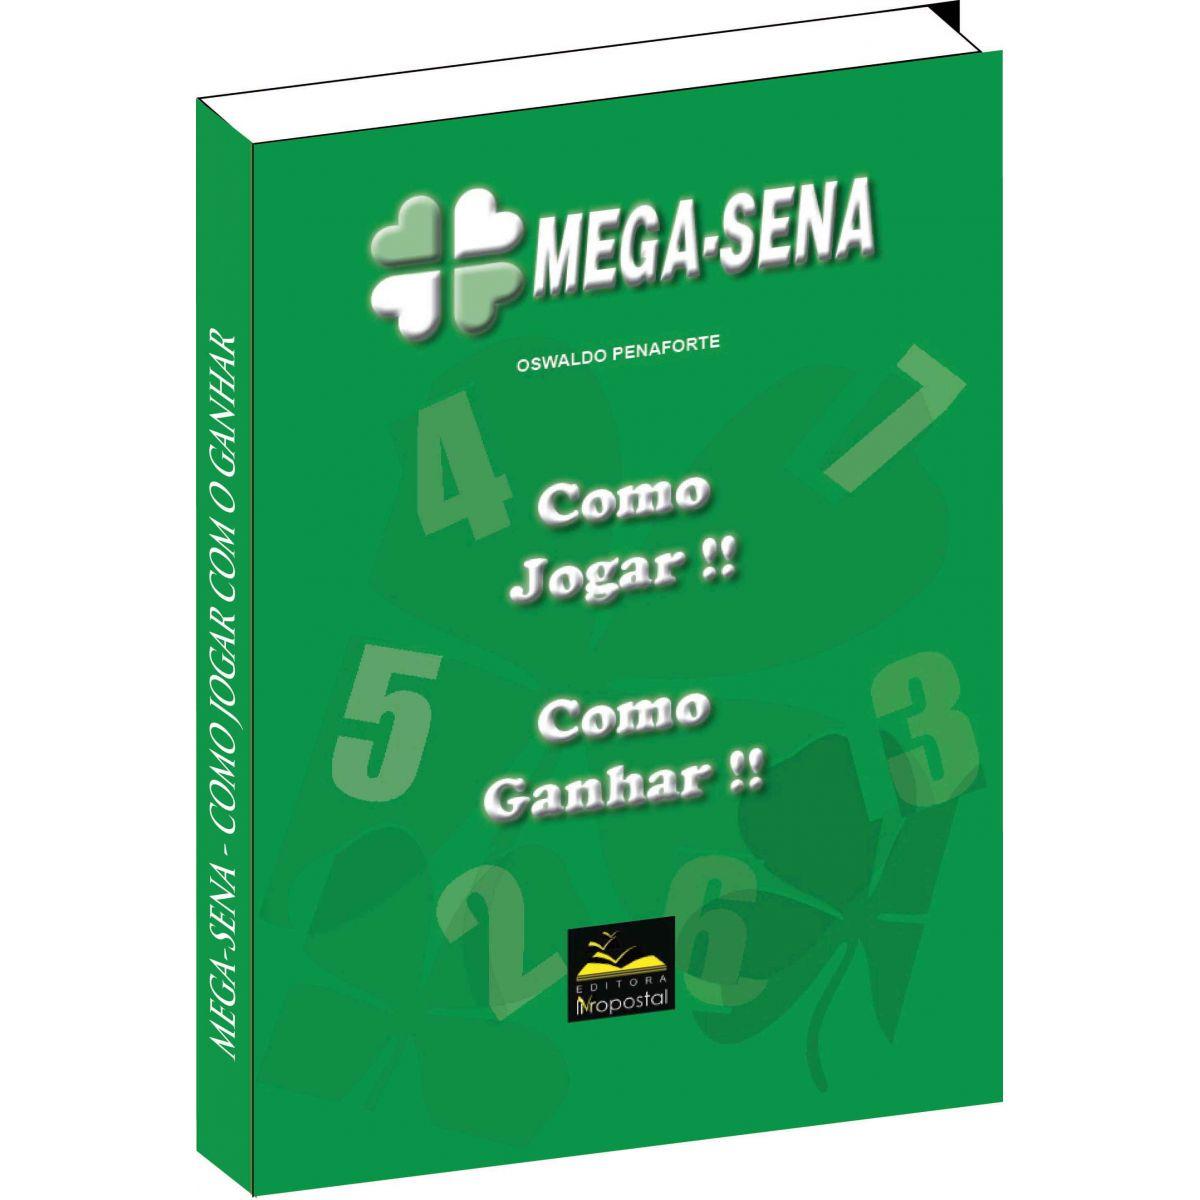 Apostila da Megasena  - Livropostal Editora